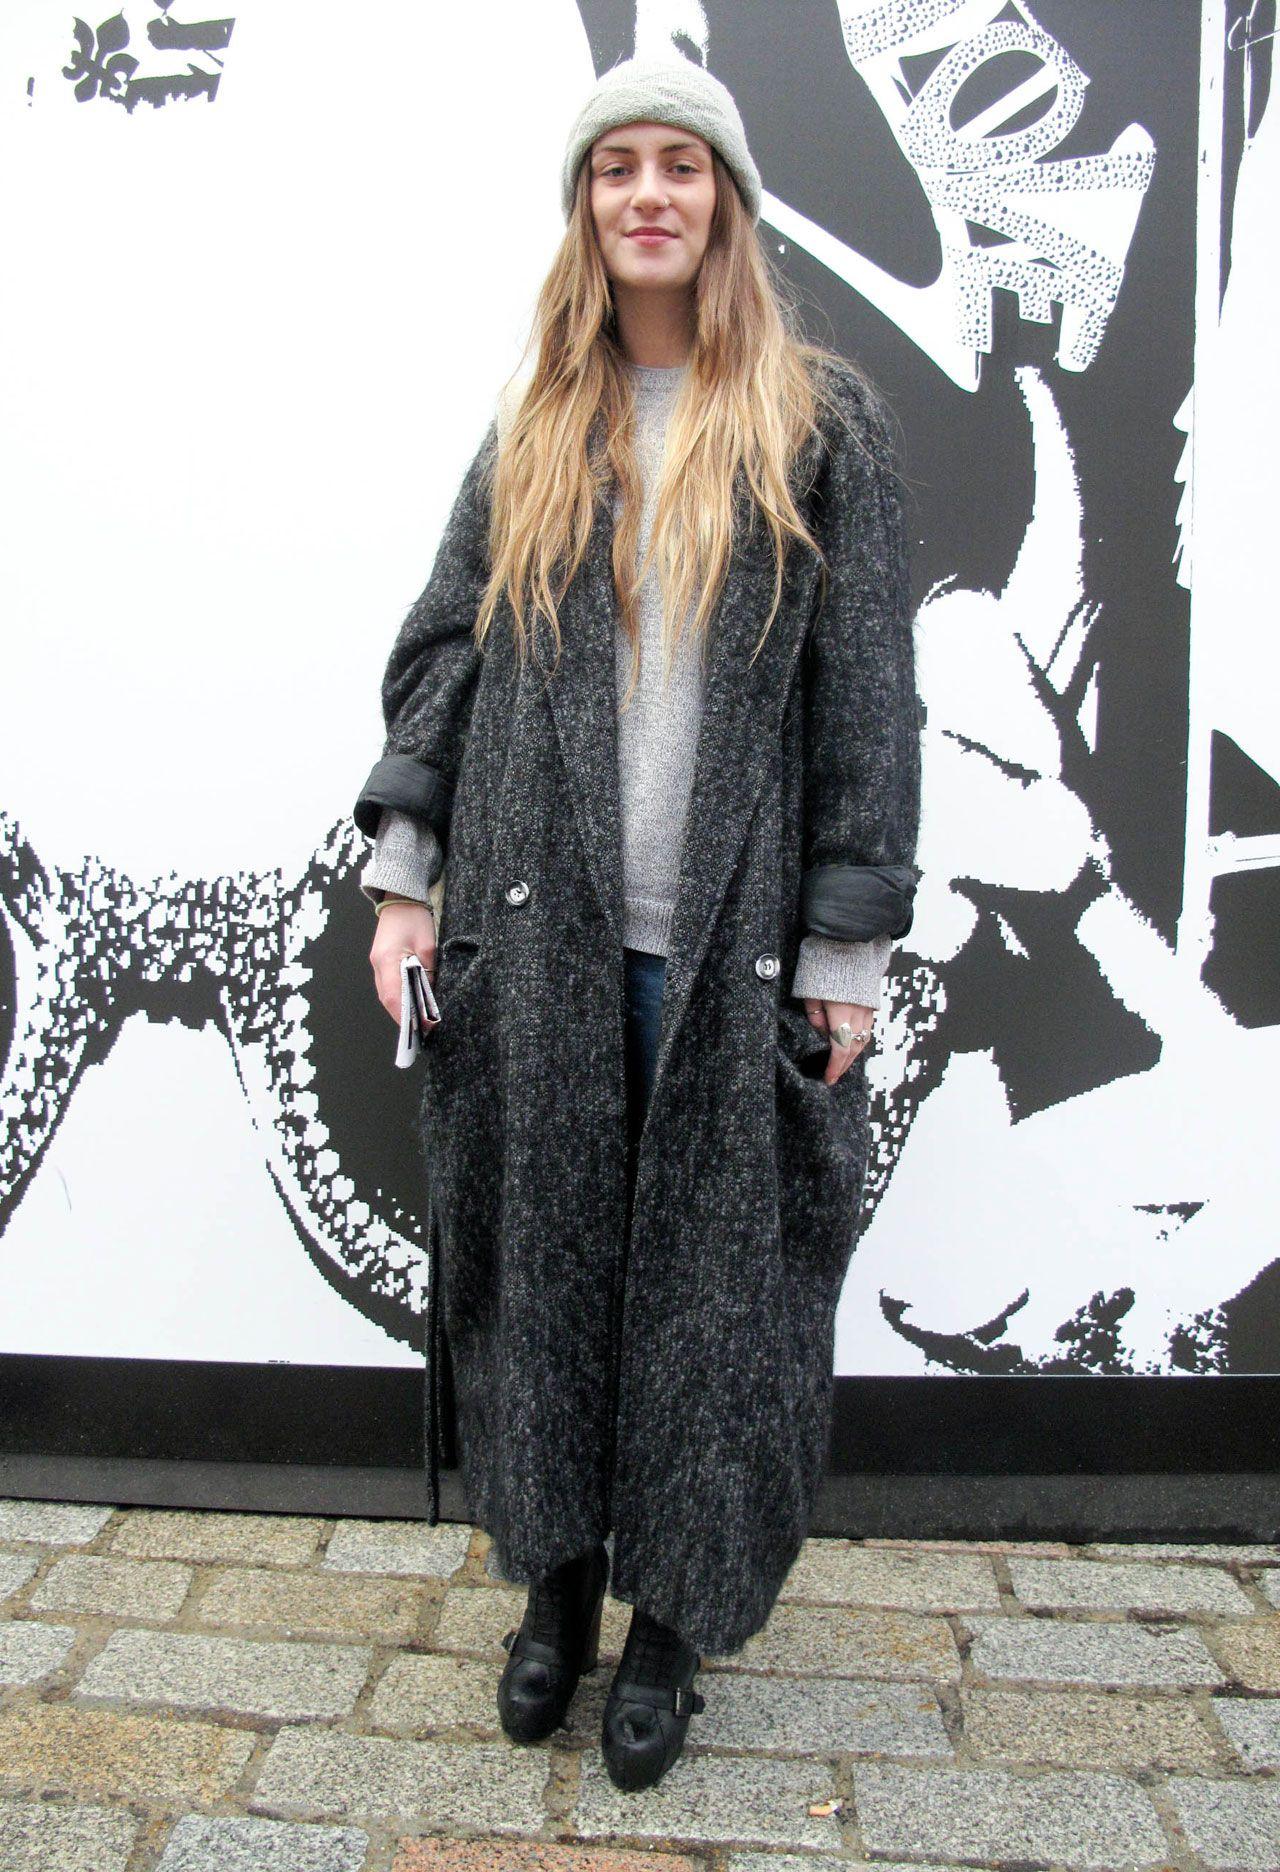 90s Fashion 90s Grunge Fashion Tumblr Grunge Goddess Paris